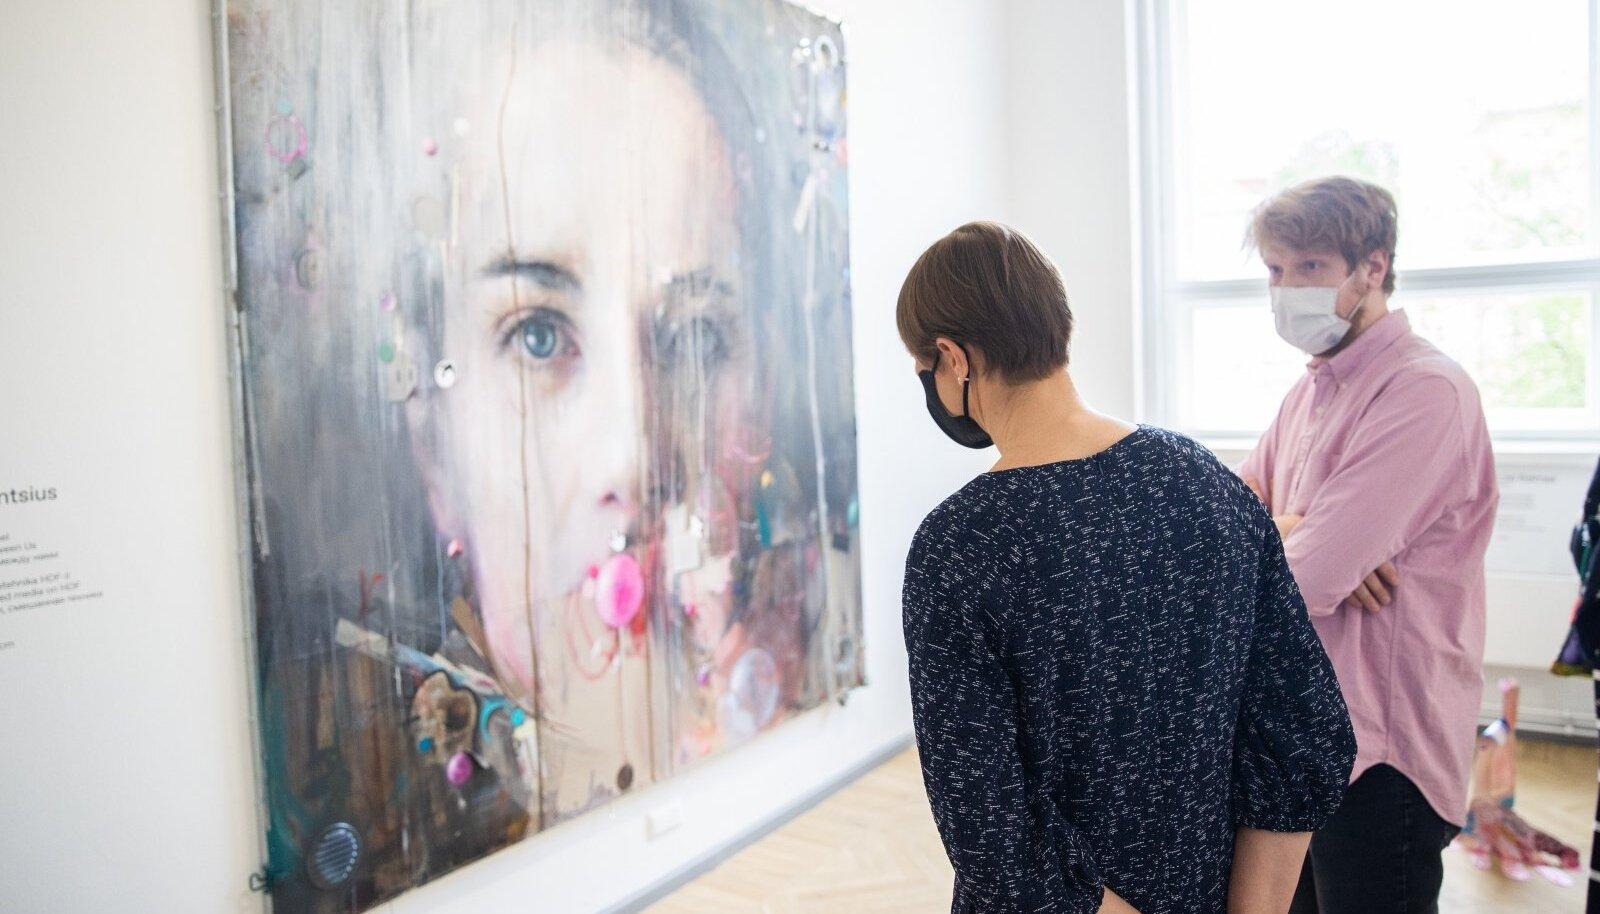 President Kersti Kaljulaid külastas Eesti Kunstnike Liidu aastanäitust Tallinna Kunstihoones